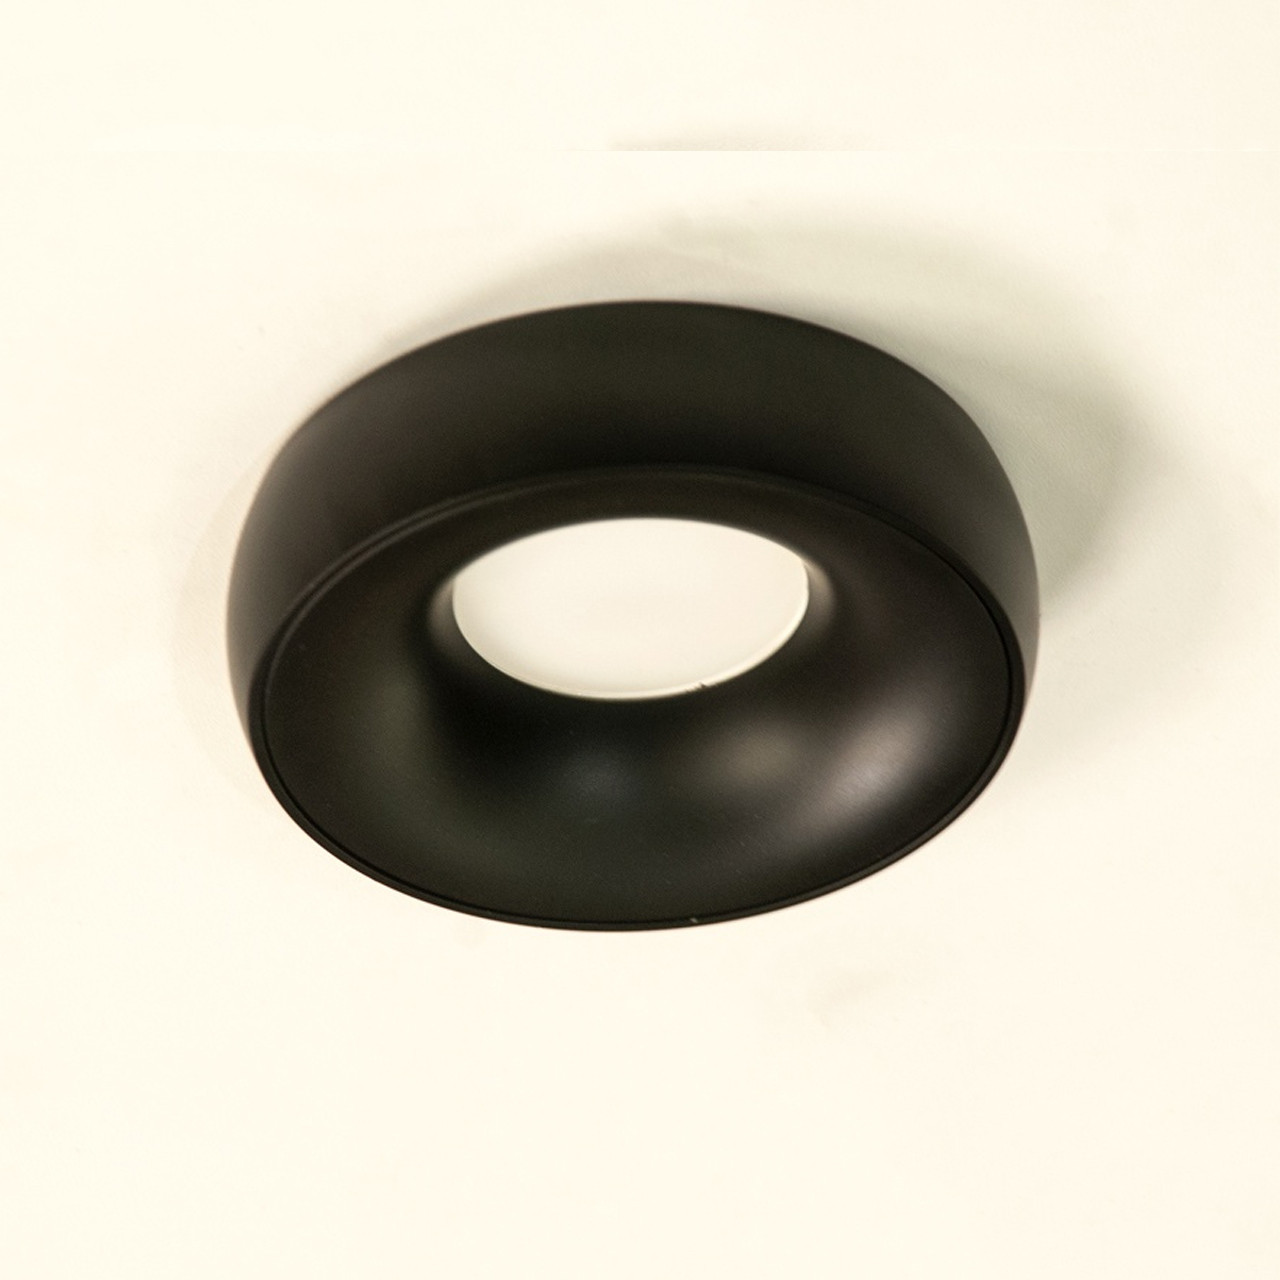 Декоративный точечный светильник из металла 10 см под лампу MR-16 (черный матовый цвет каркаса) D-29BK